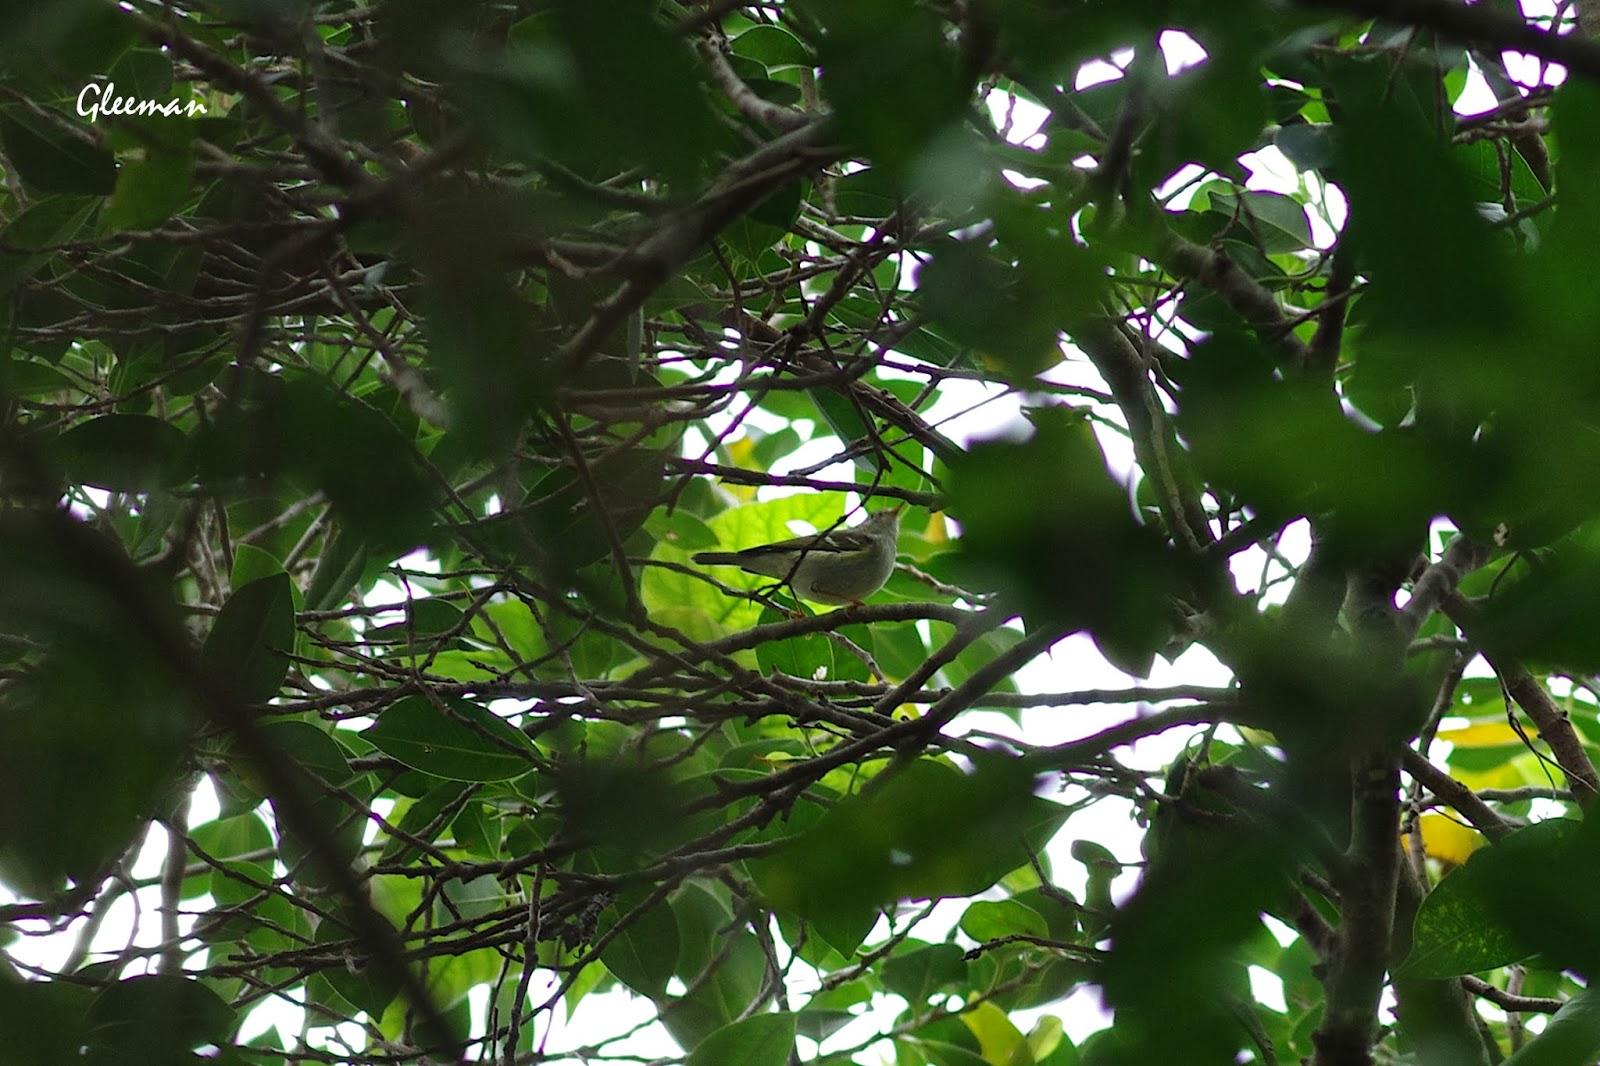 最近樹林裡經常可見這隻新同學黃腰柳鶯(?)